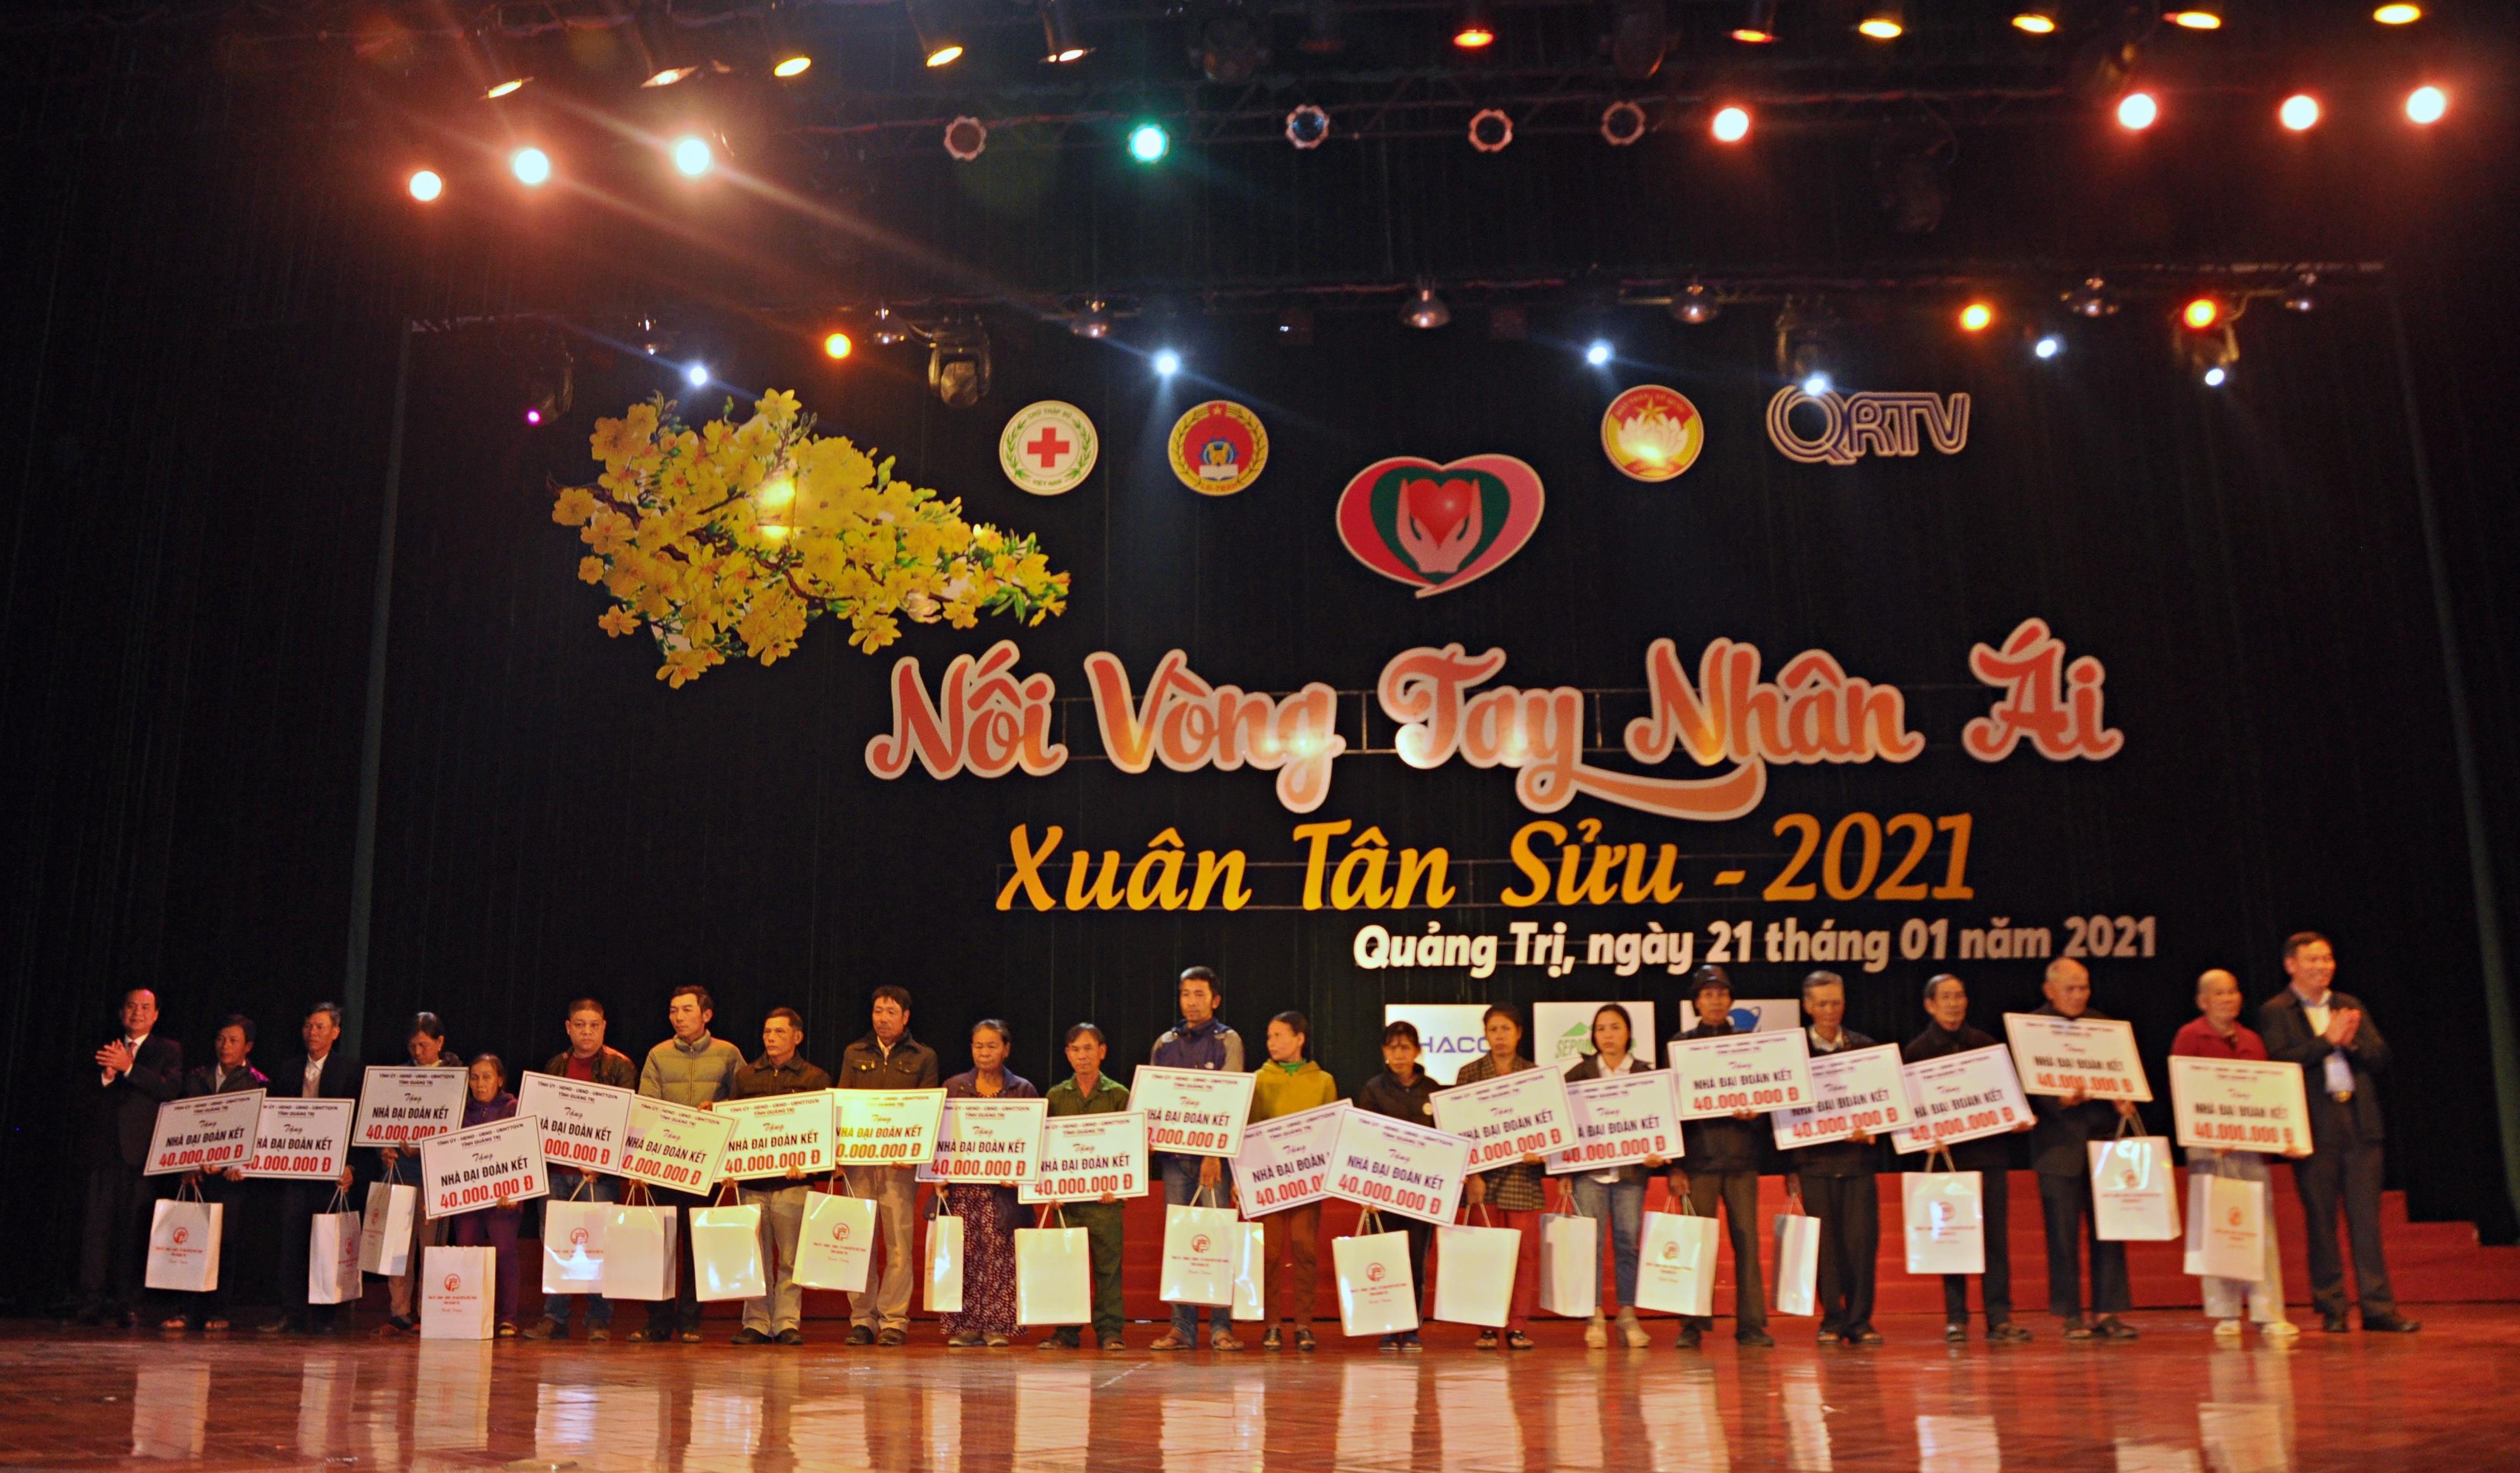 """Hơn 18,4 tỷ đồng ủng hộ chương trình """"Nối vòng tay nhân ái"""" Xuân Tân Sửu 2021"""